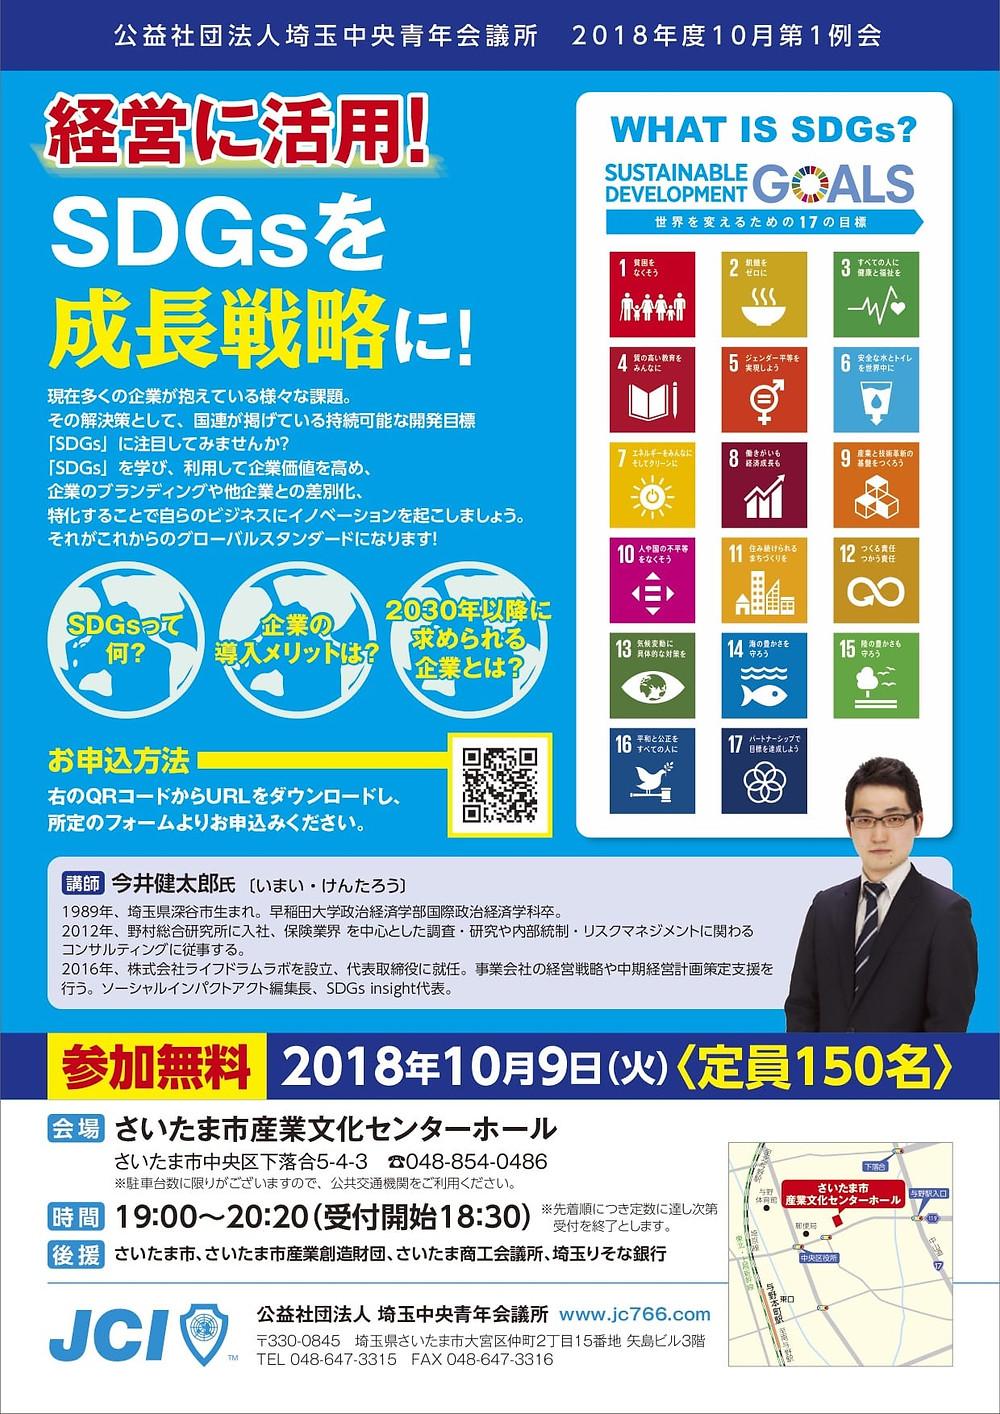 ライフドラムラボ SDGs